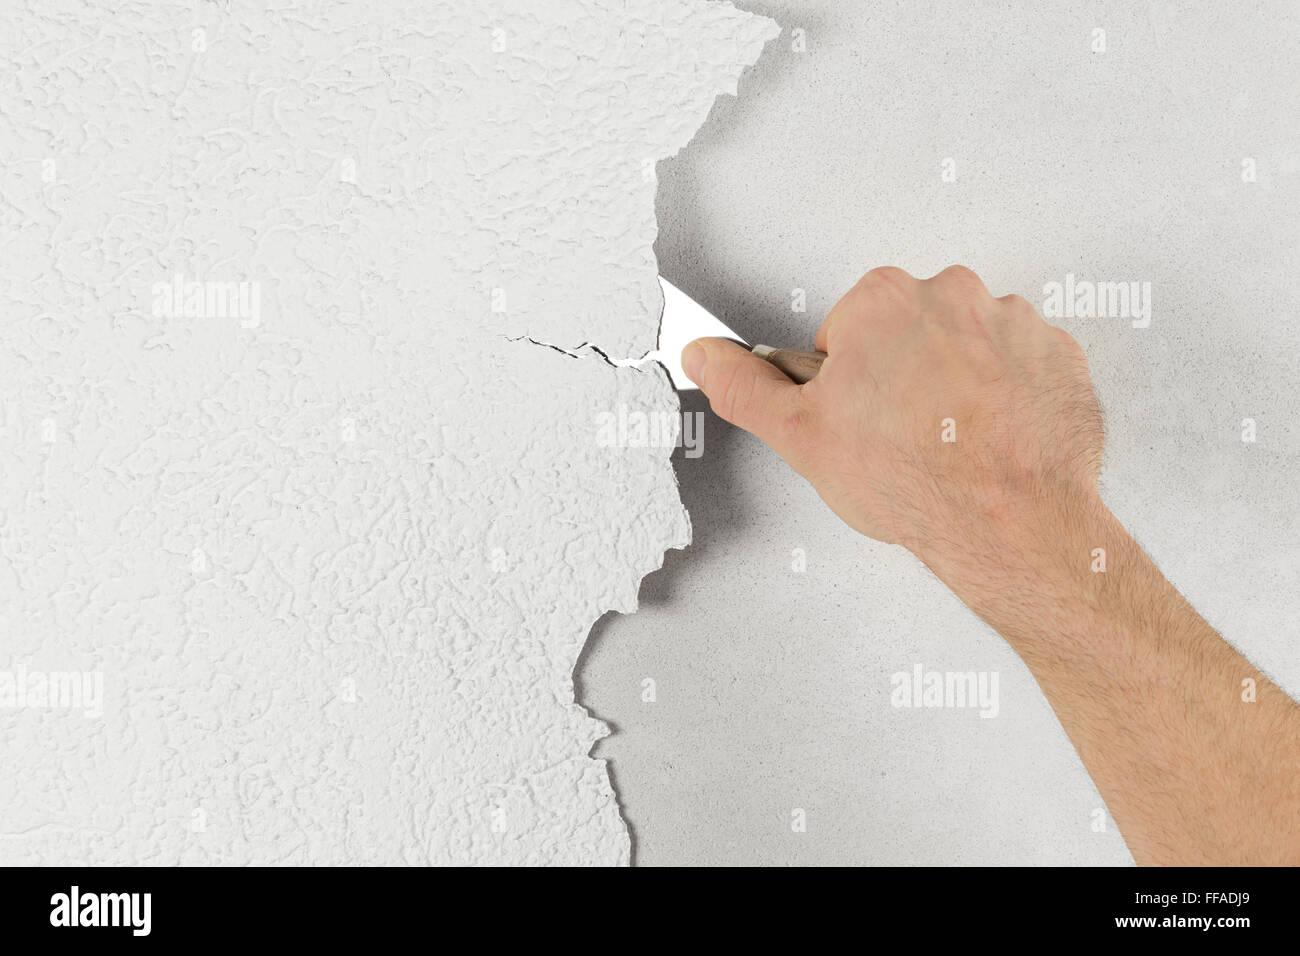 putz entfernen mit hand und spachtel stockfoto, bild: 95501905 - alamy